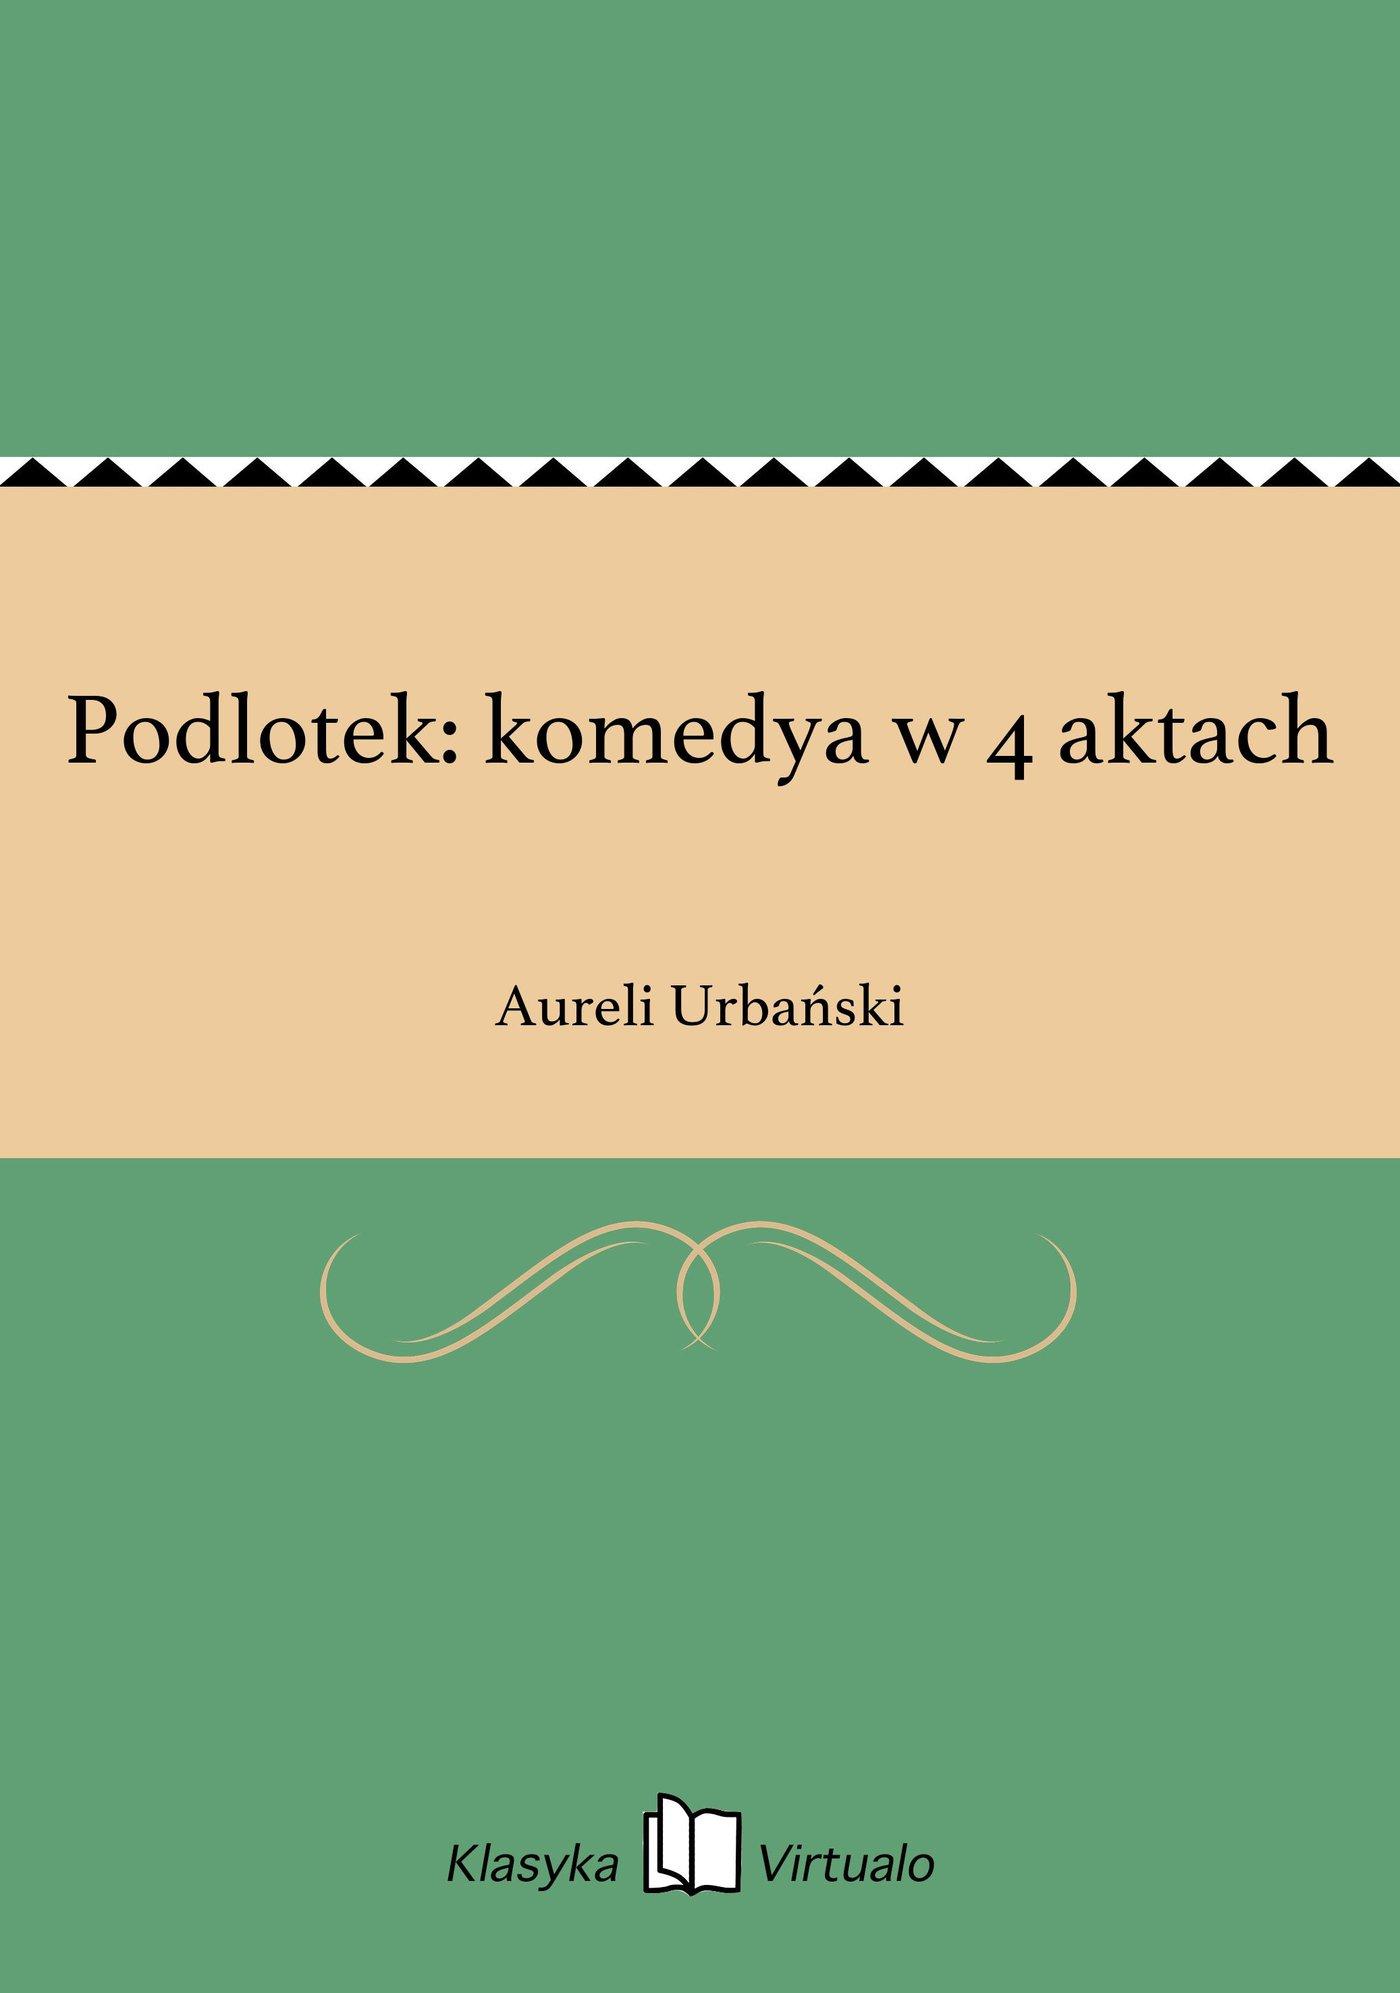 Podlotek: komedya w 4 aktach - Ebook (Książka EPUB) do pobrania w formacie EPUB